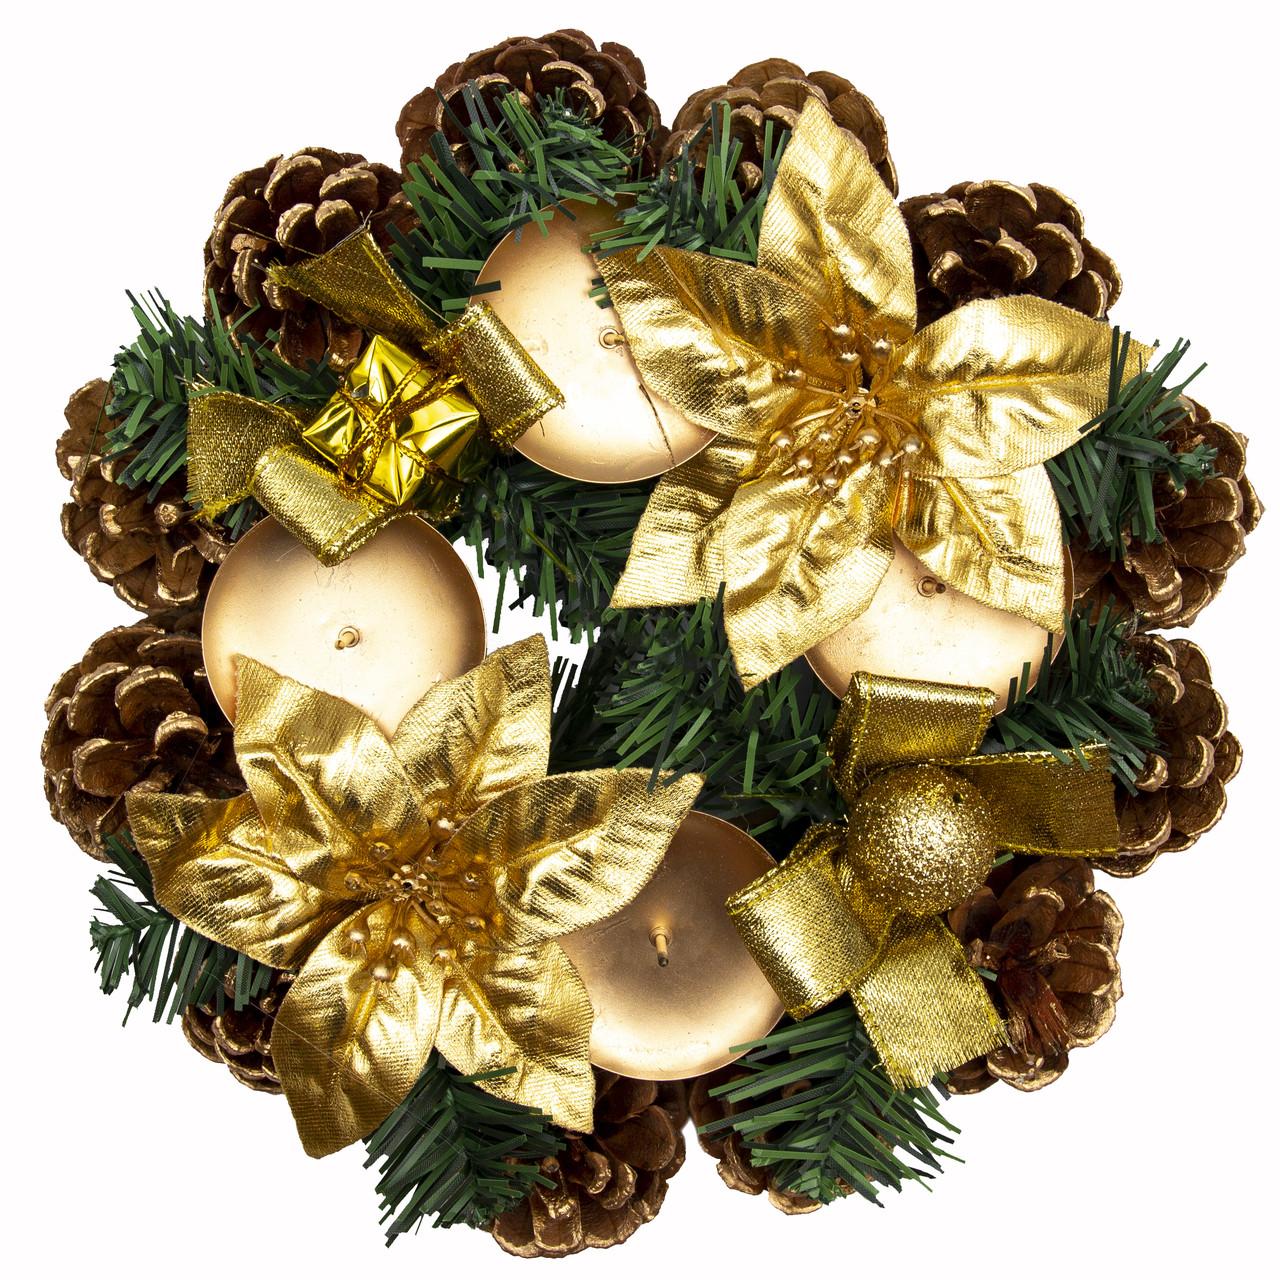 Подсвечник - Венок с цветами и декором, 23 см, золотистый (930142)